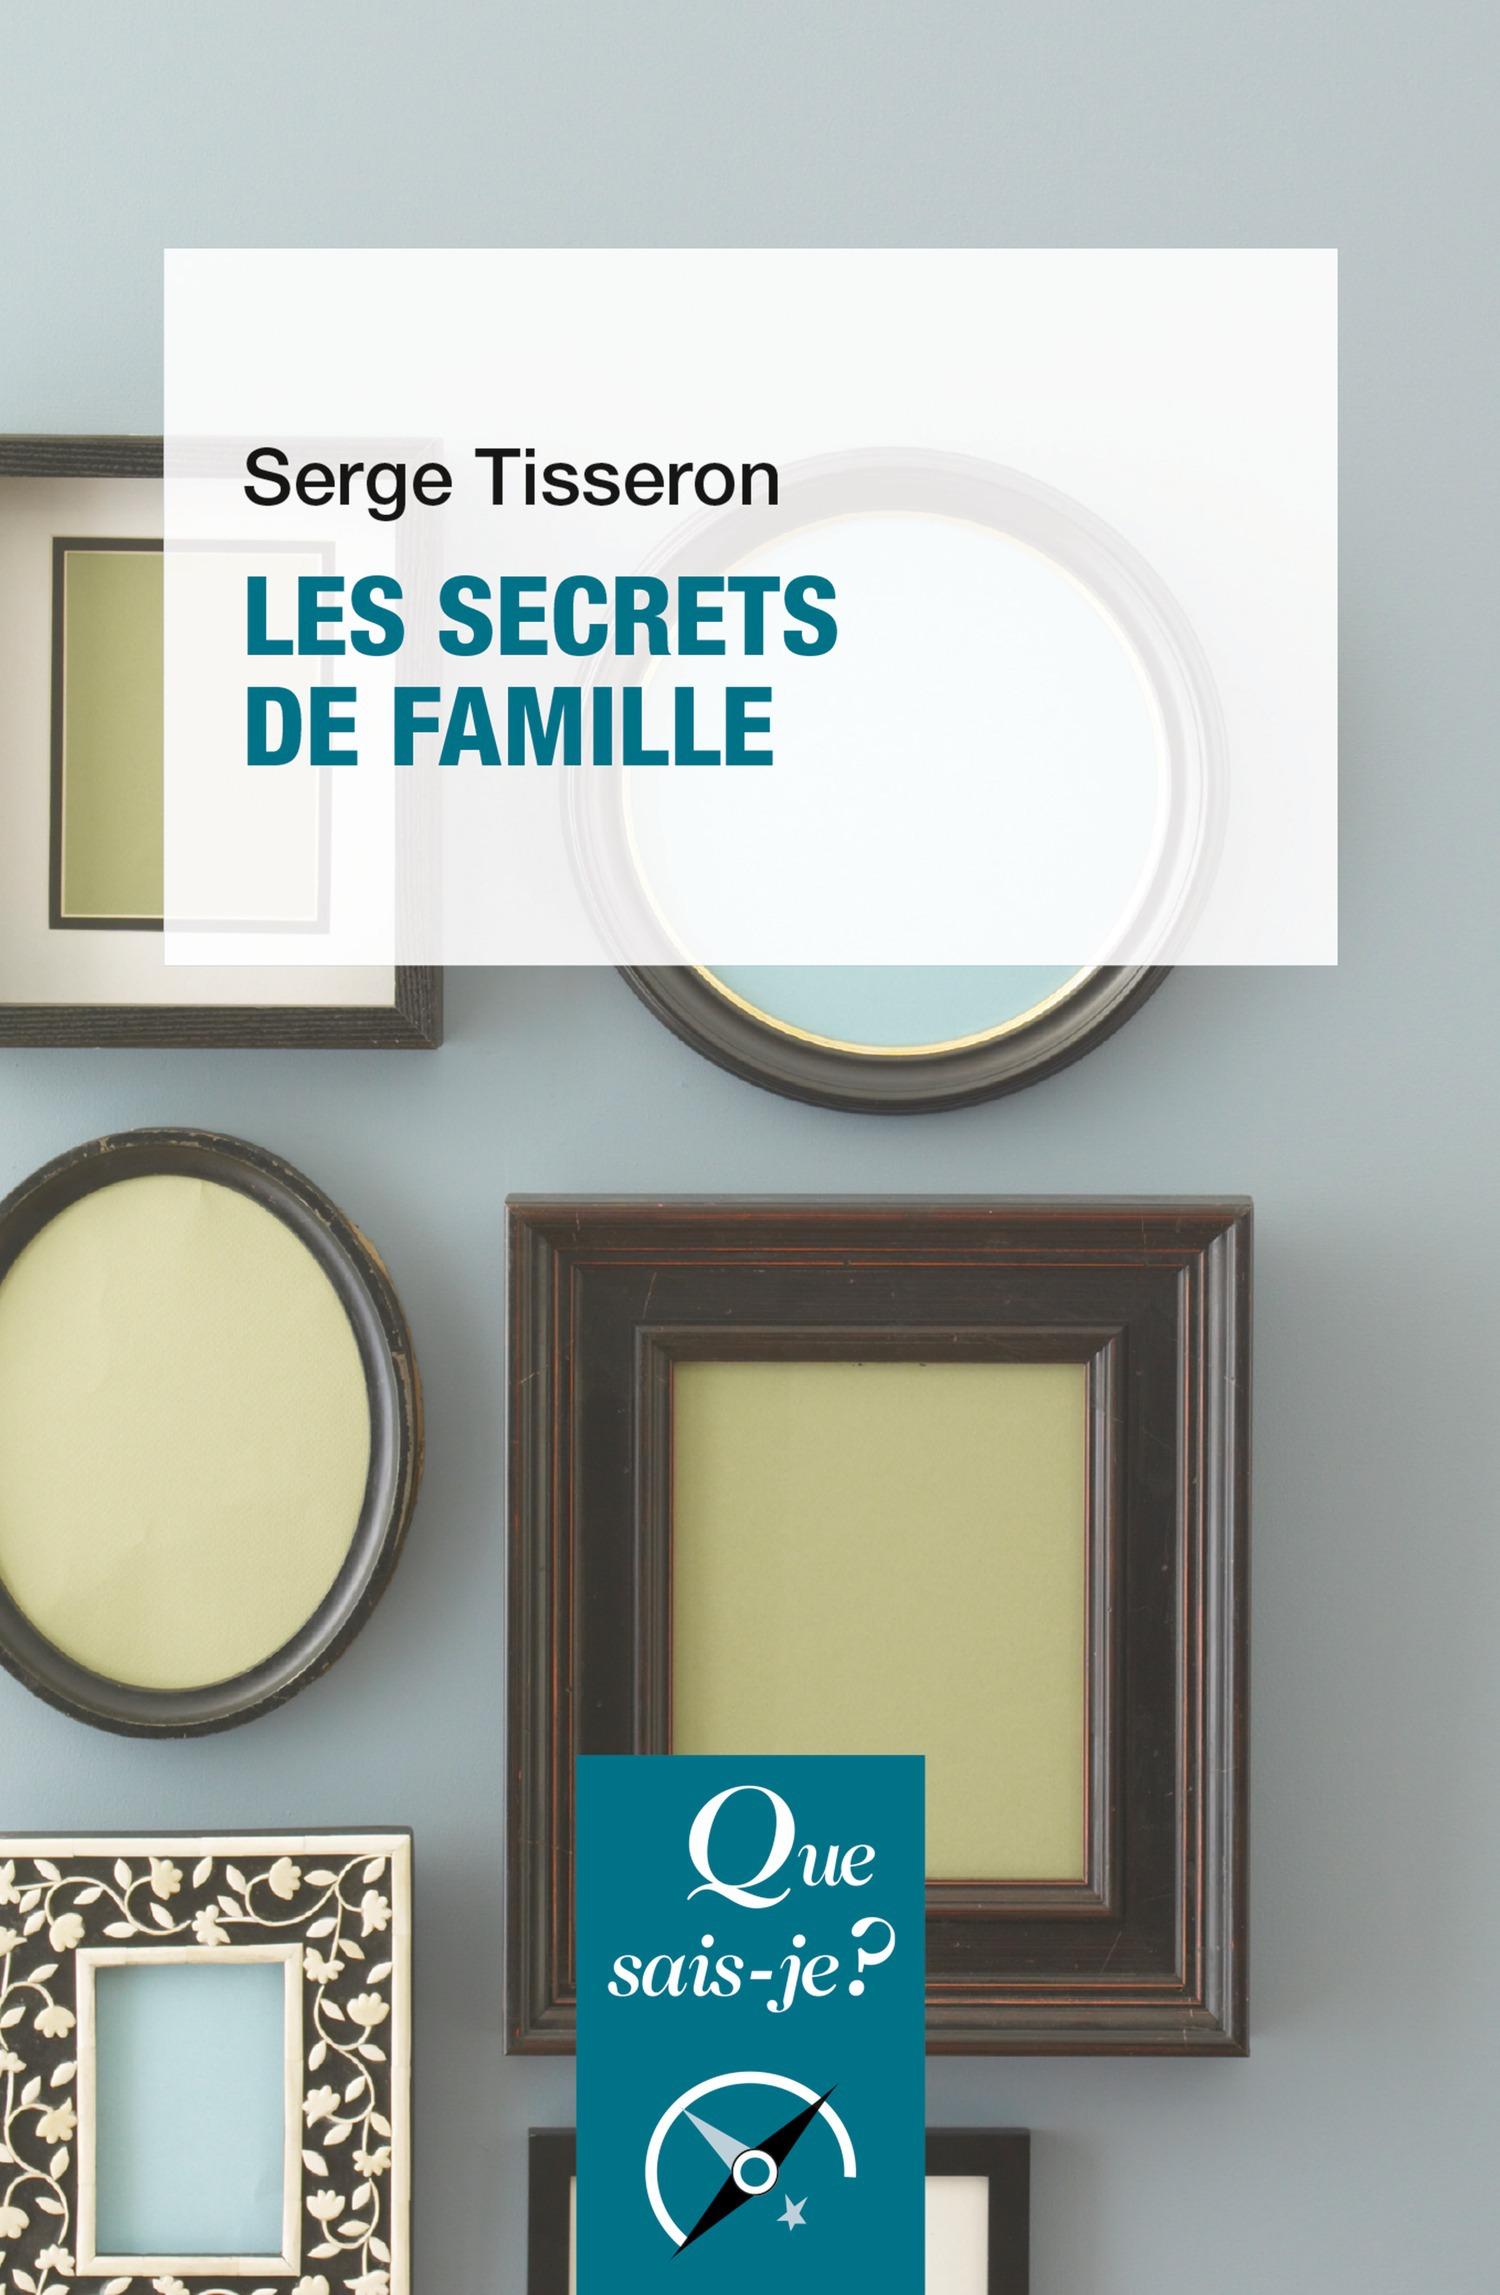 Serge Tisseron Les secrets de famille